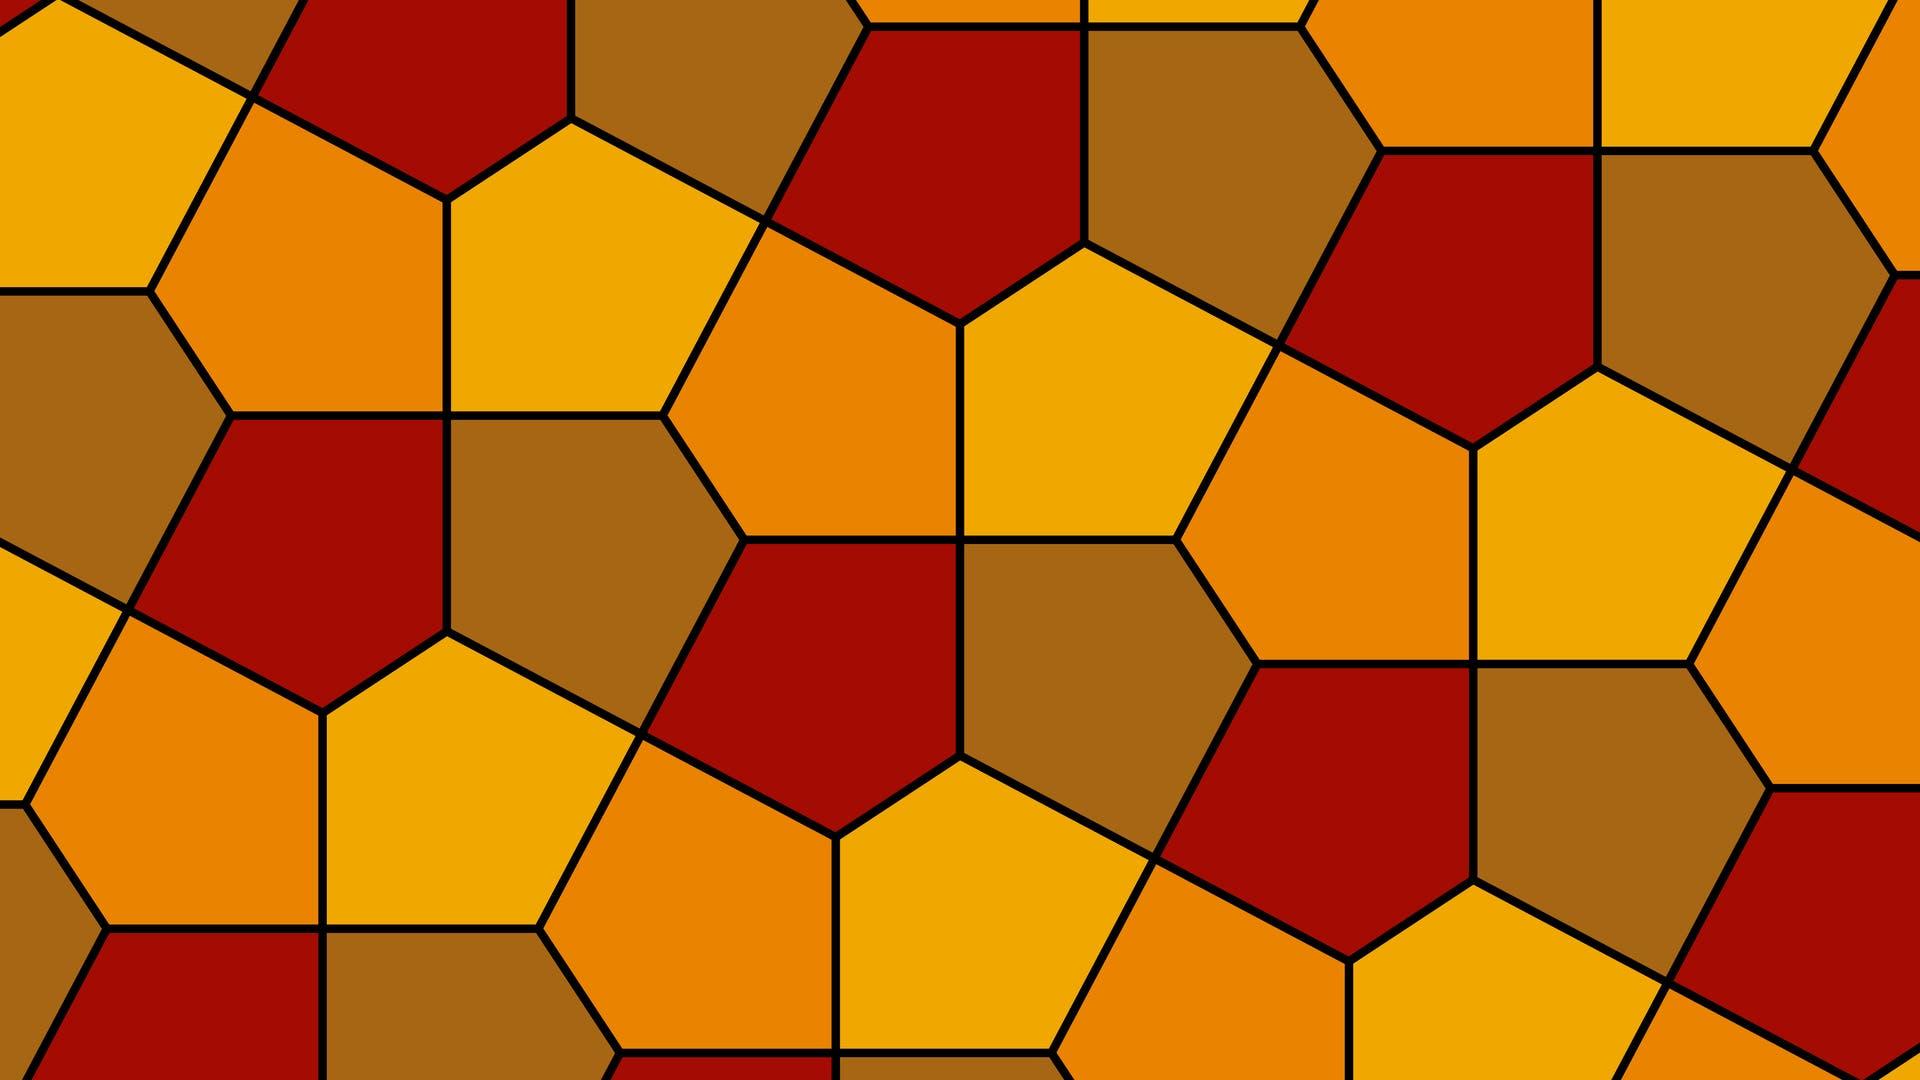 Fünfeck 4